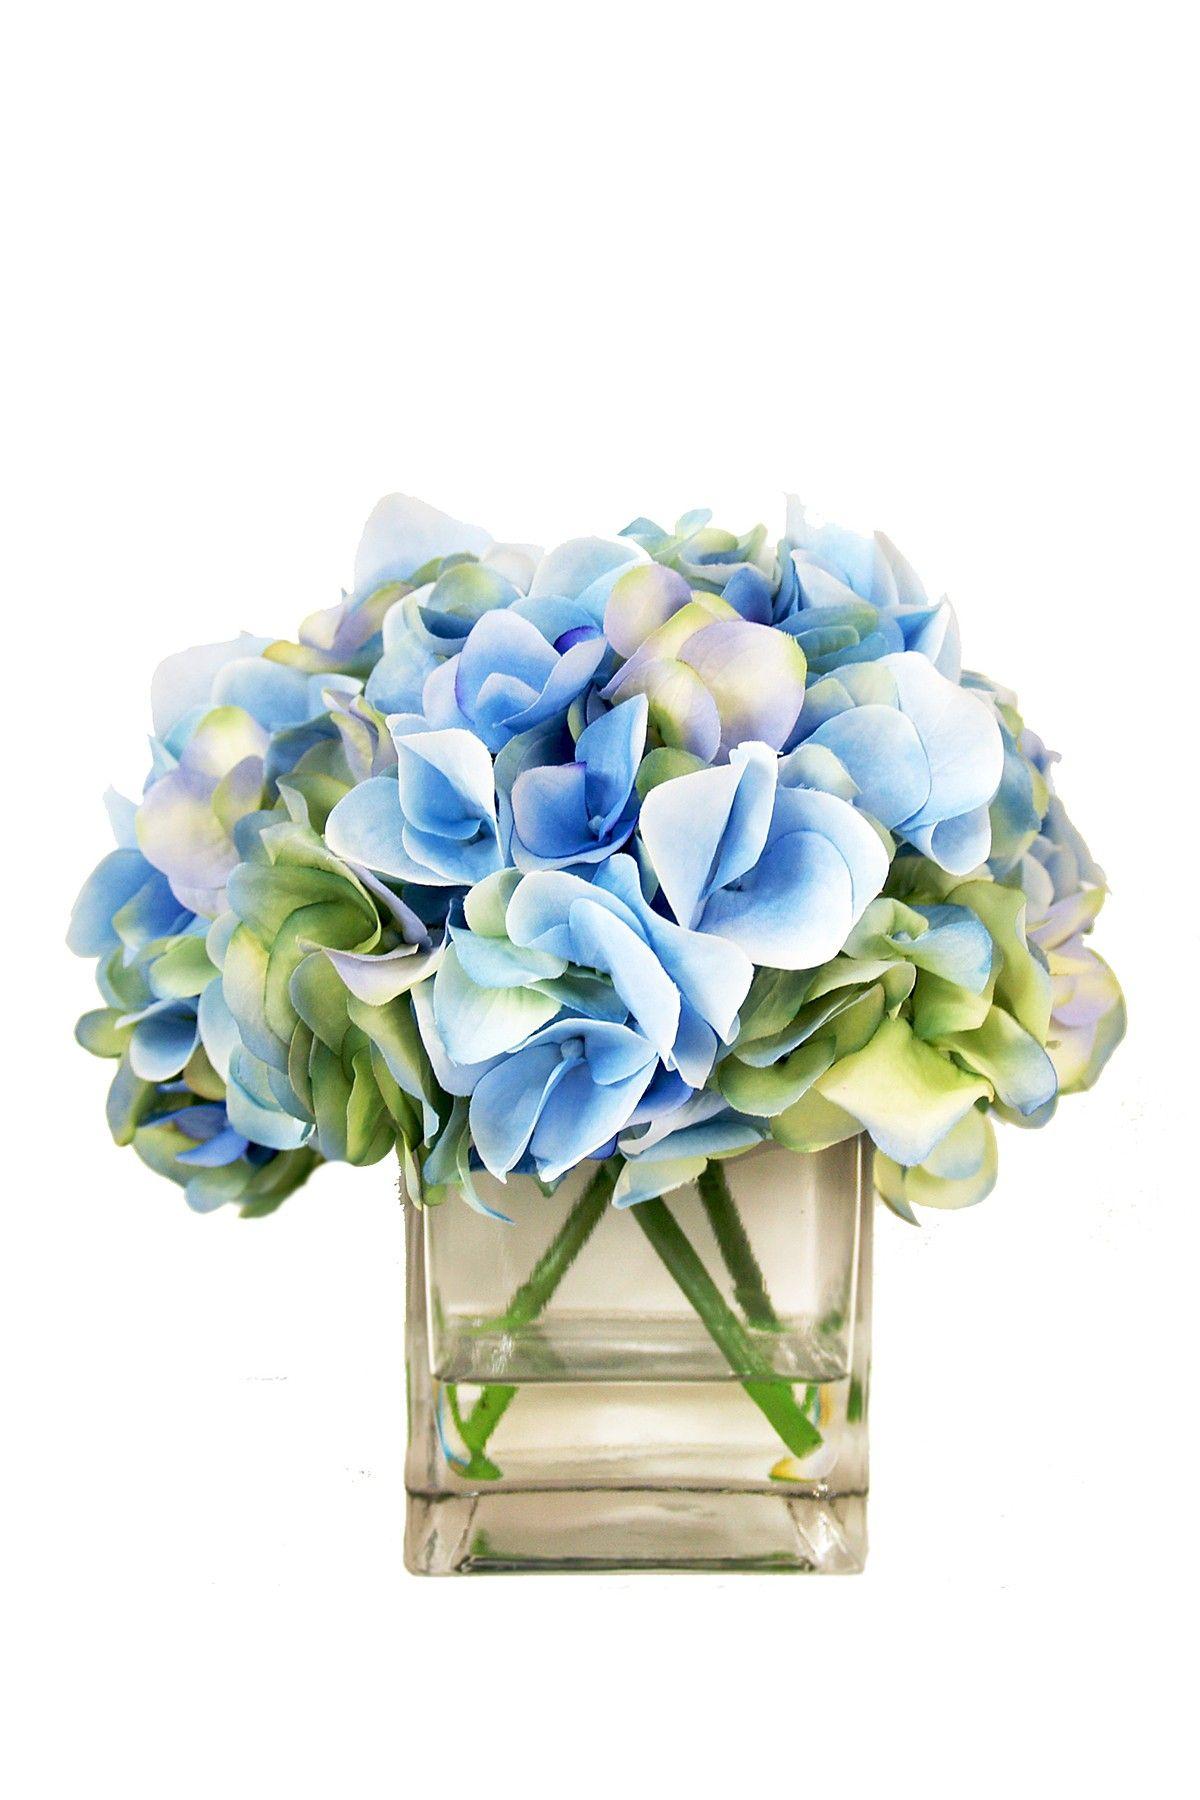 Pastel Blue Hydrangea Stuff I Like Pinterest Hydrangea